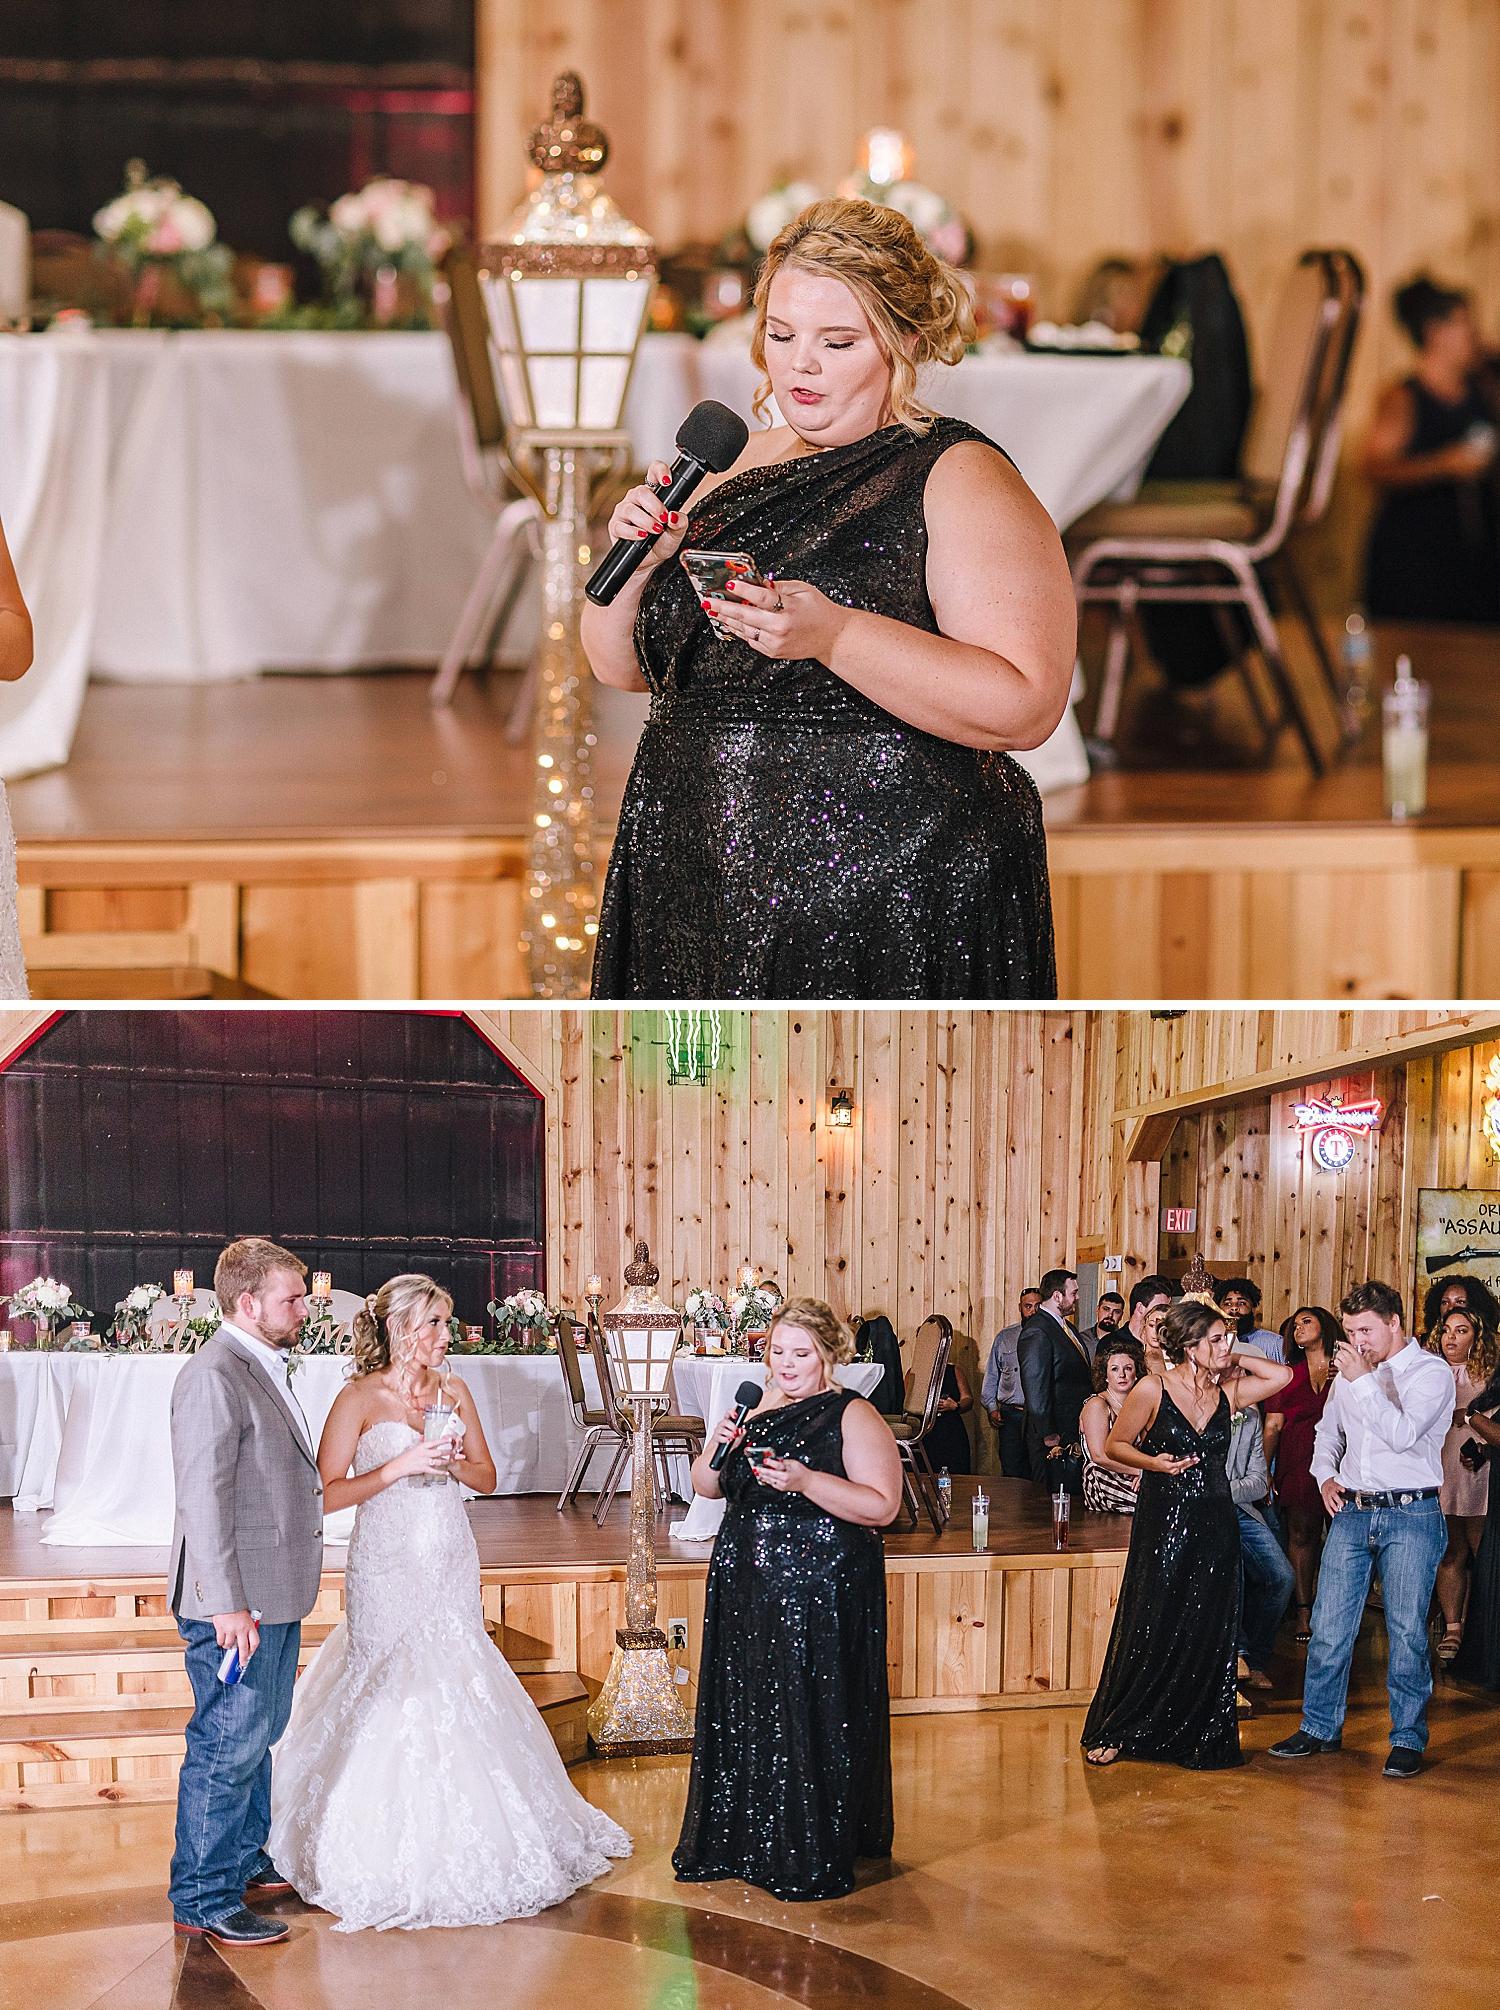 Rackler-Ranch-LaVernia-Texas-Wedding-Carly-Barton-Photography_0127.jpg